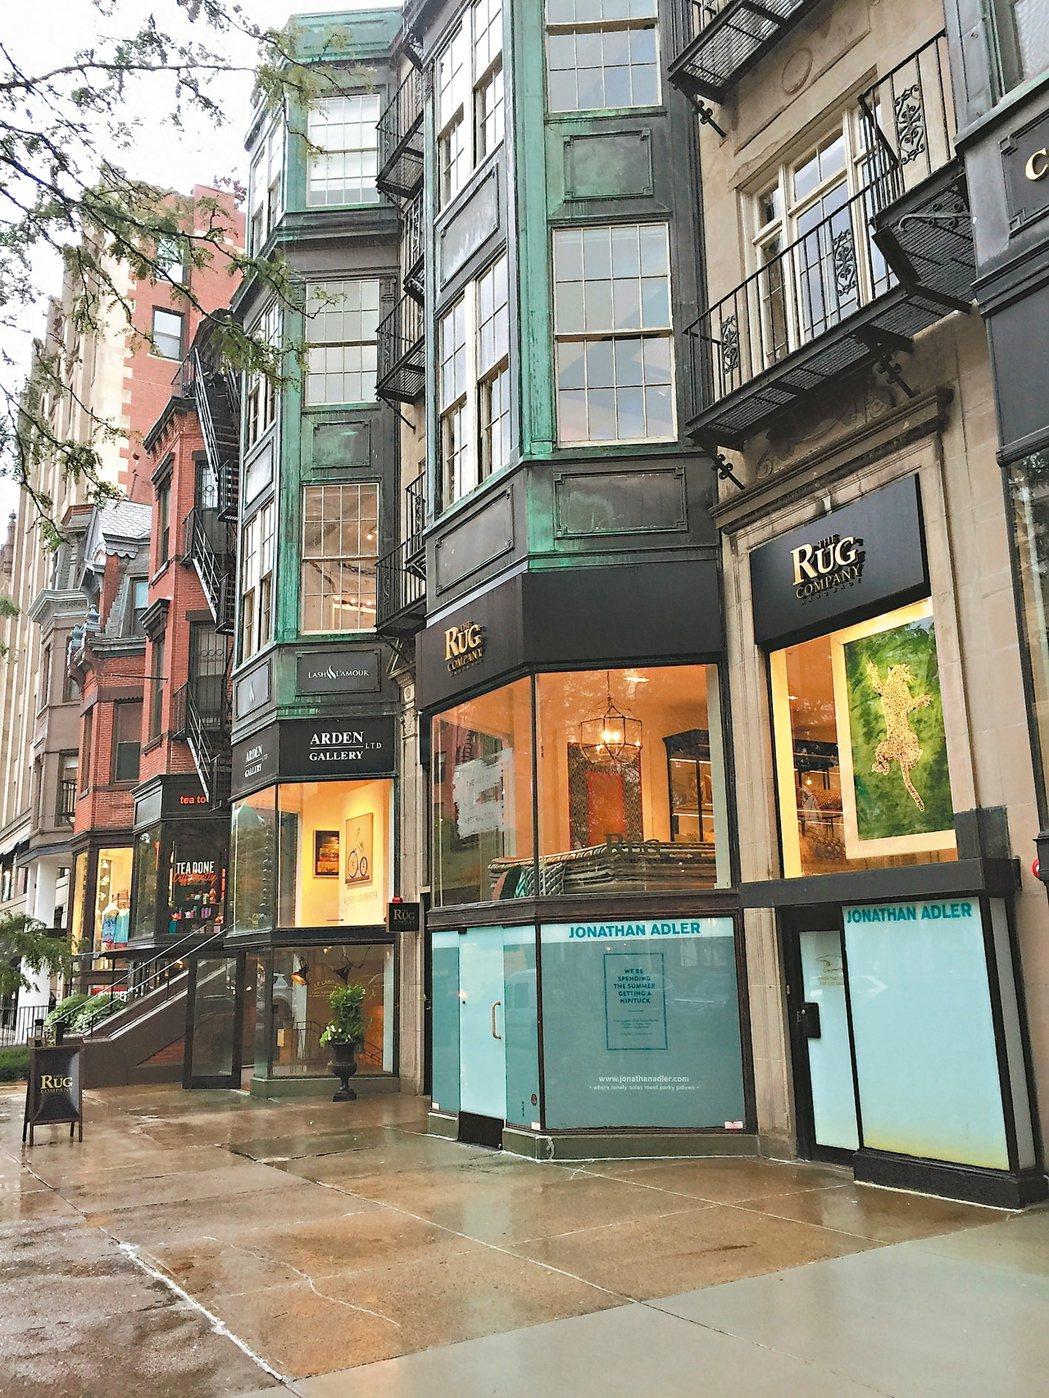 來紐伯利街可享受在古蹟建築購物的樂趣。 記者蘇詠智/攝影